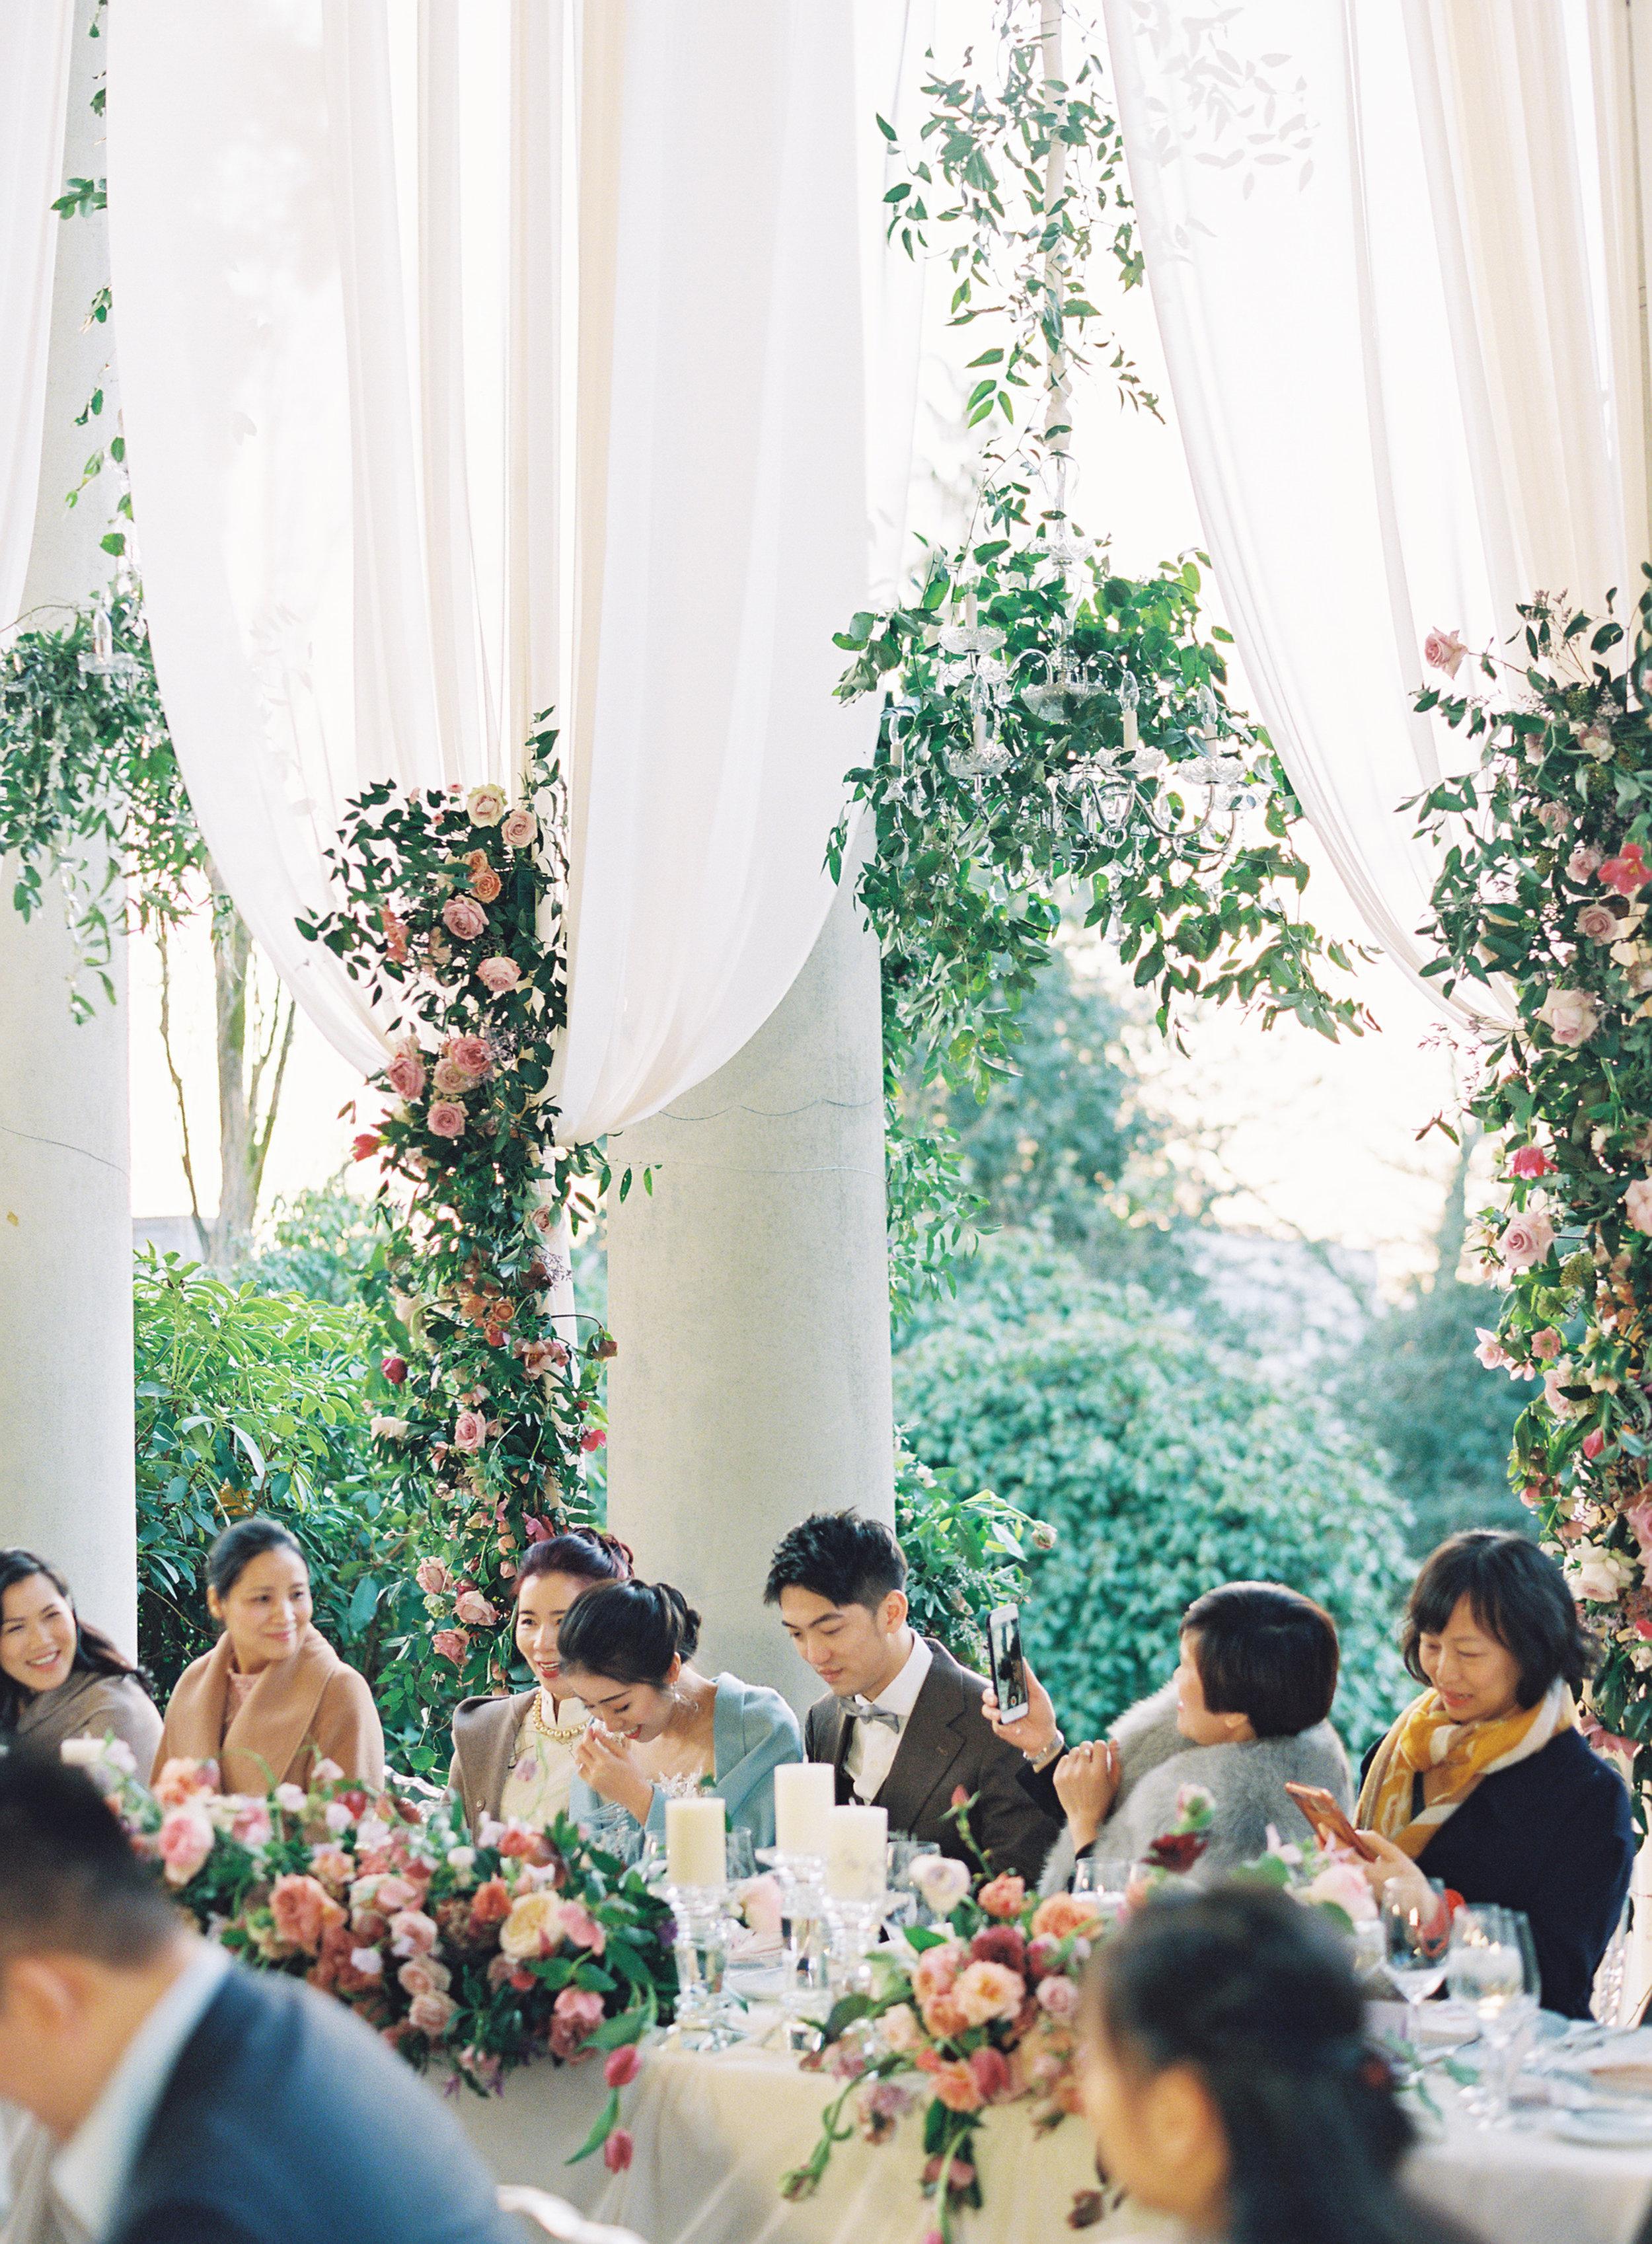 JB-Editorial-192-Jen_Huang-032546-R1-013.jpg